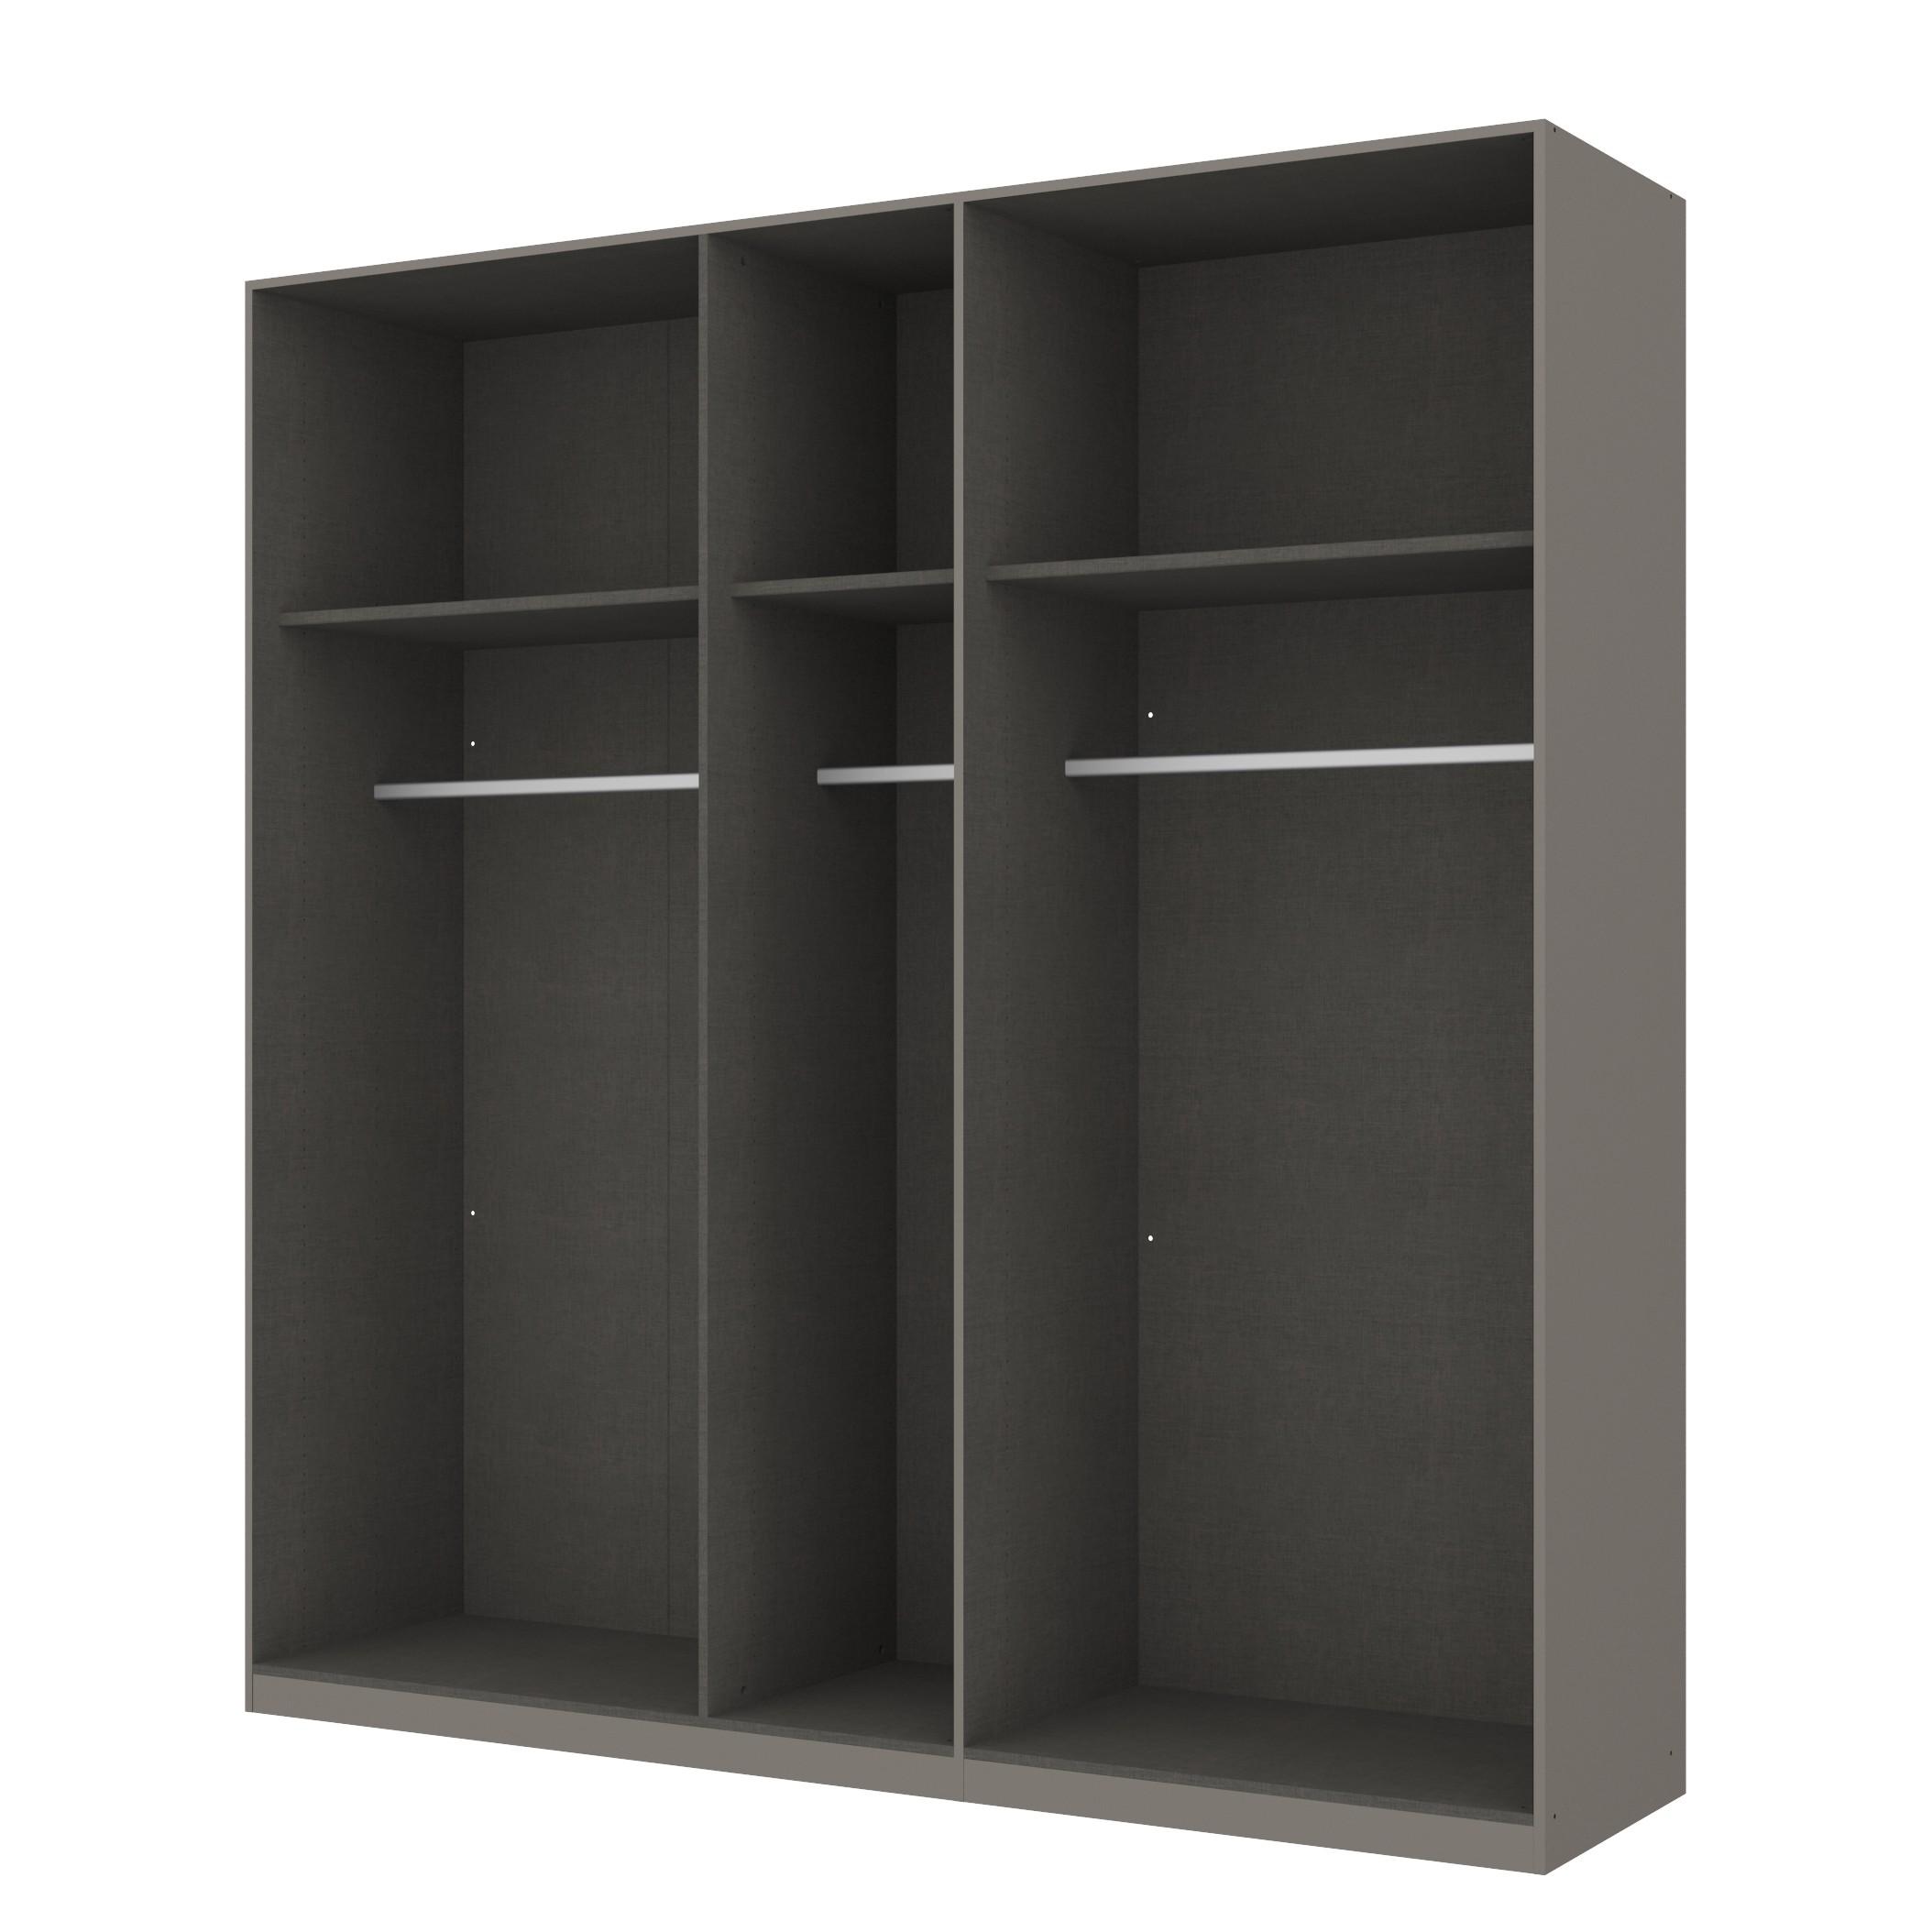 schrank 45 cm breit preisvergleiche erfahrungsberichte. Black Bedroom Furniture Sets. Home Design Ideas